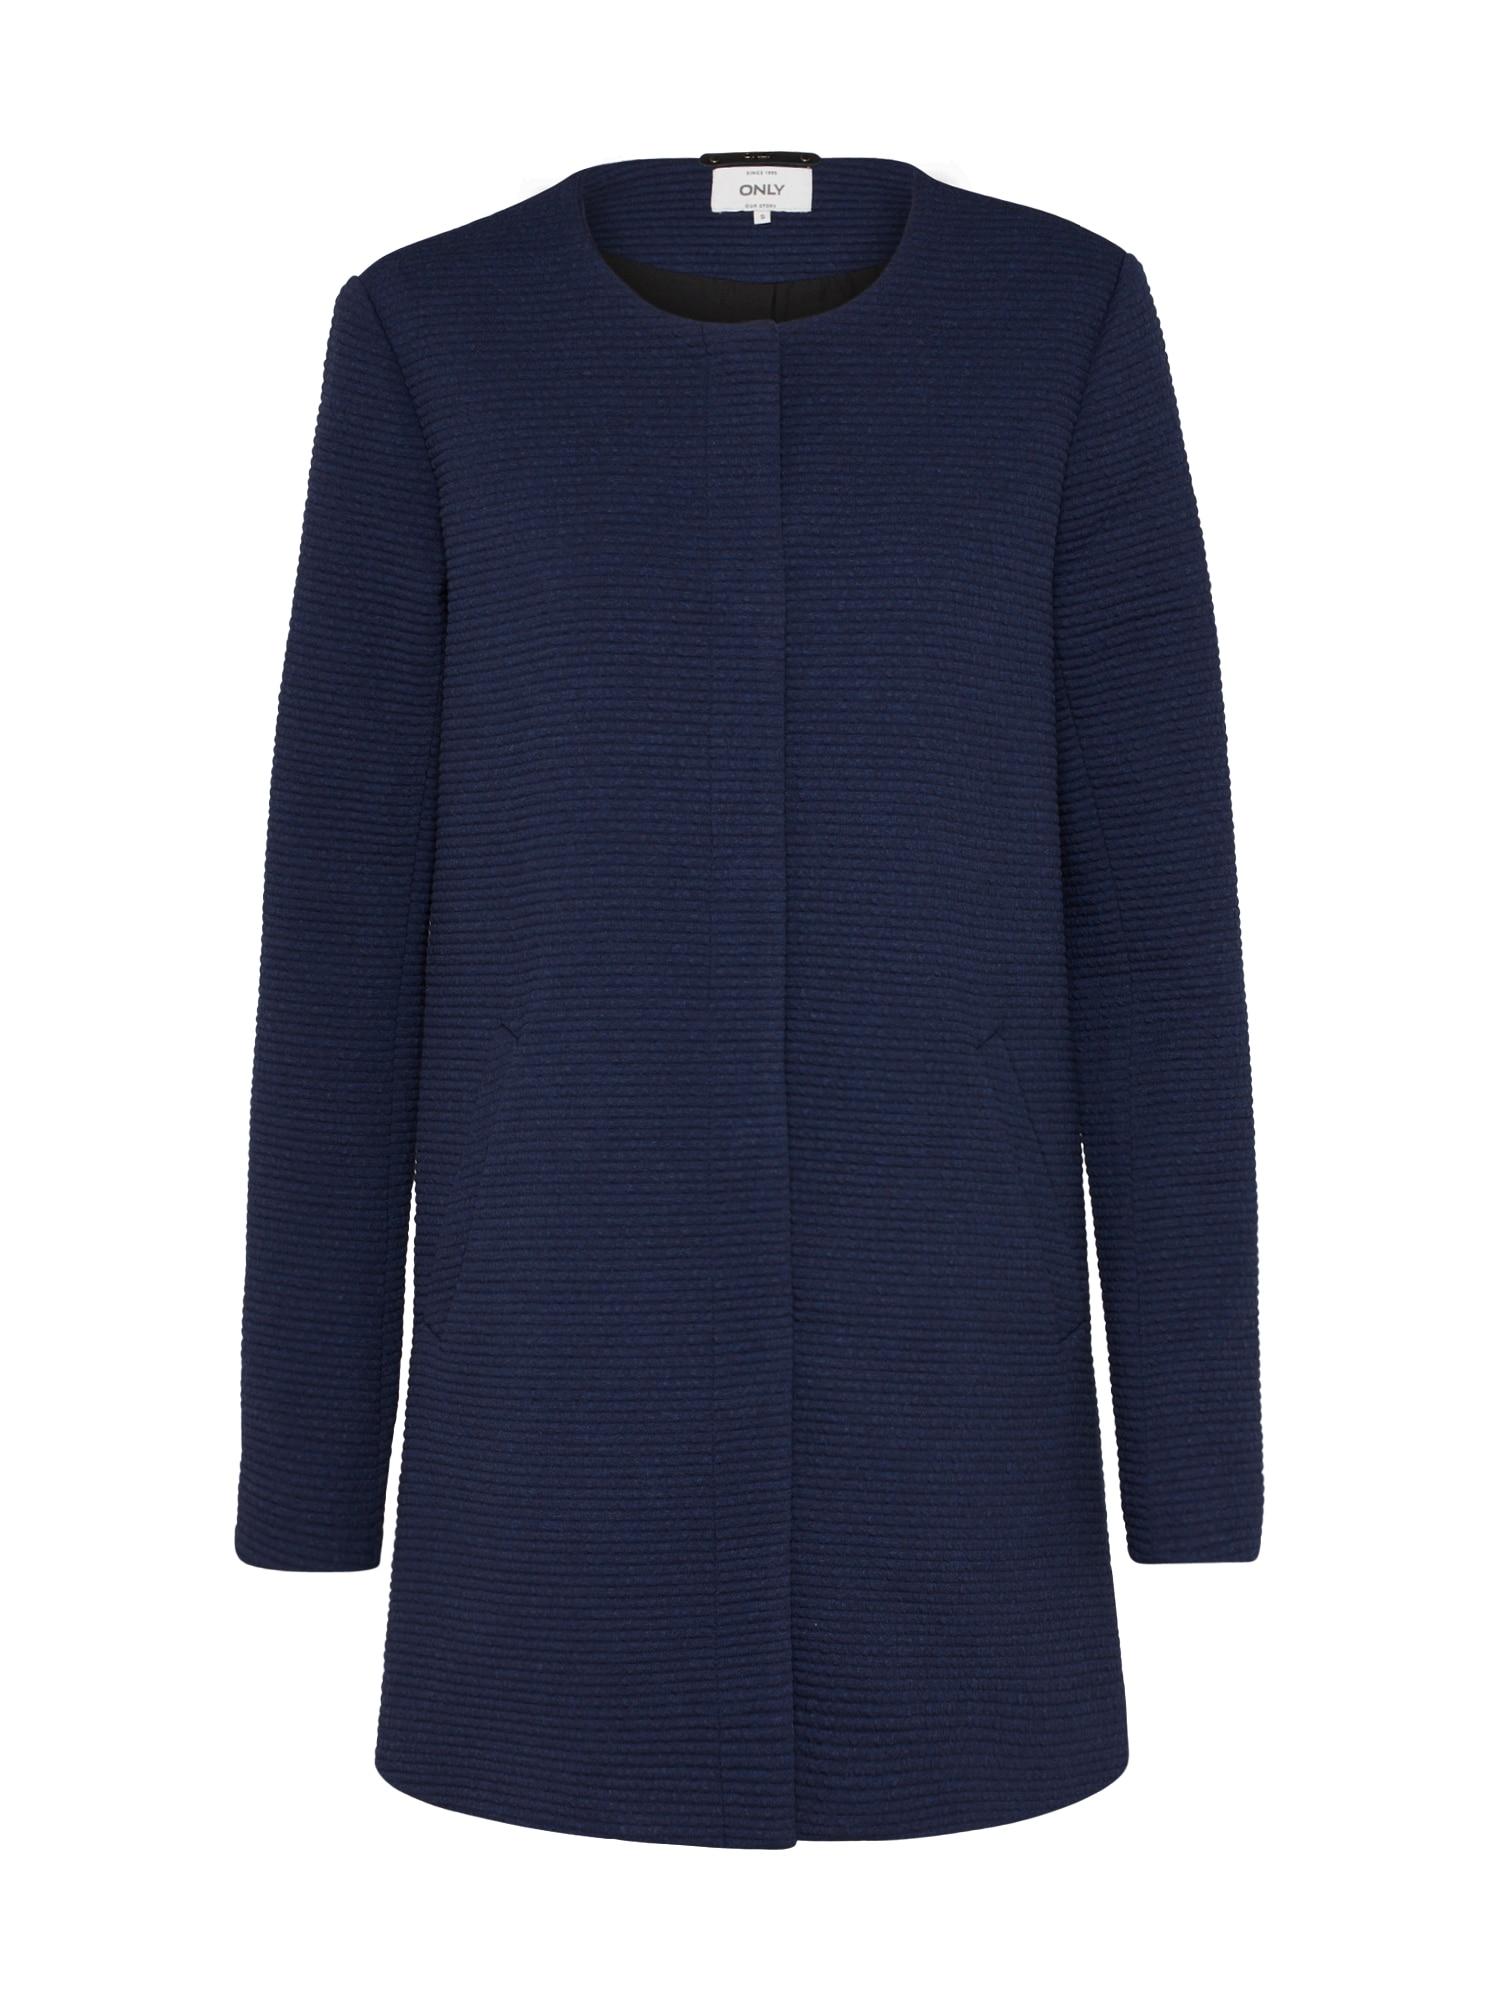 Přechodný kabát SIDNEY tmavě modrá ONLY